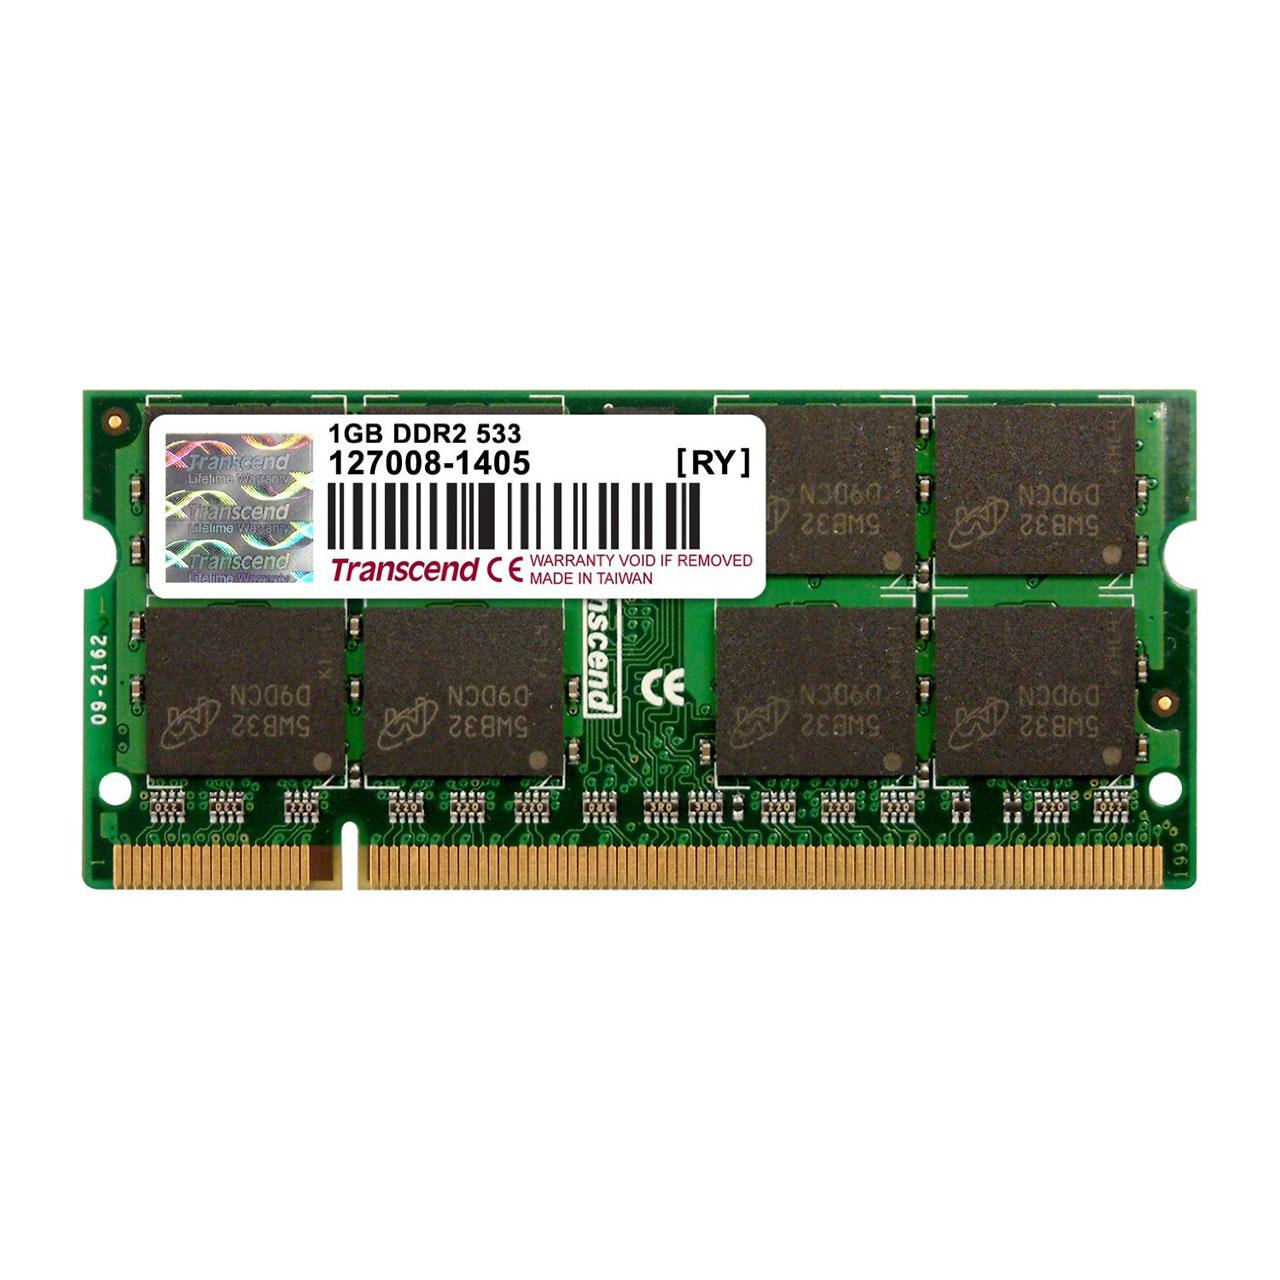 1GB DDR2-533 18663FU RAM Memory Upgrade for The IBM ThinkPad X40 Series X41 PC2-4200